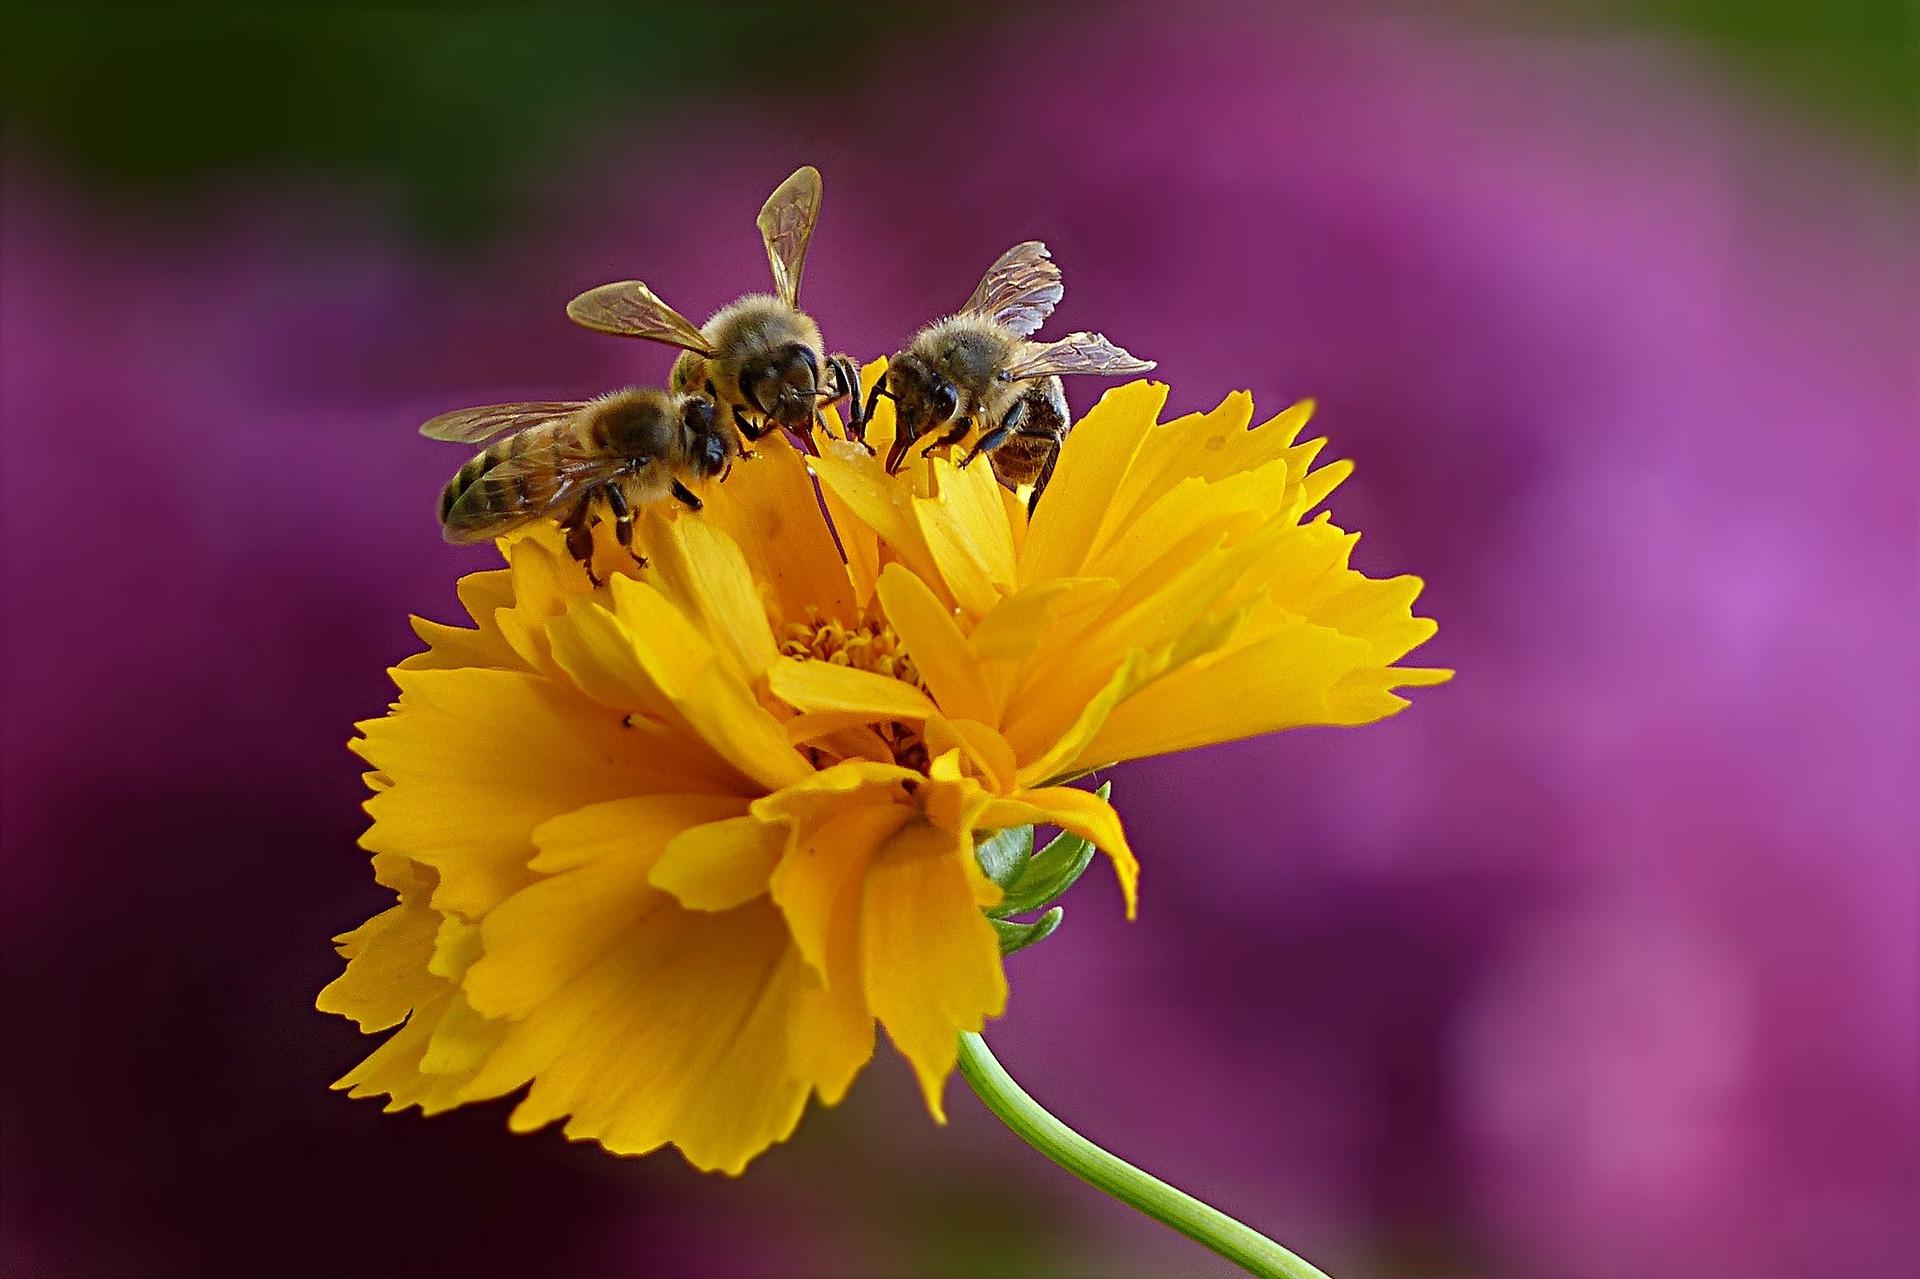 Abeilles domestiques et abeilles sauvages, quelles sont les différences?